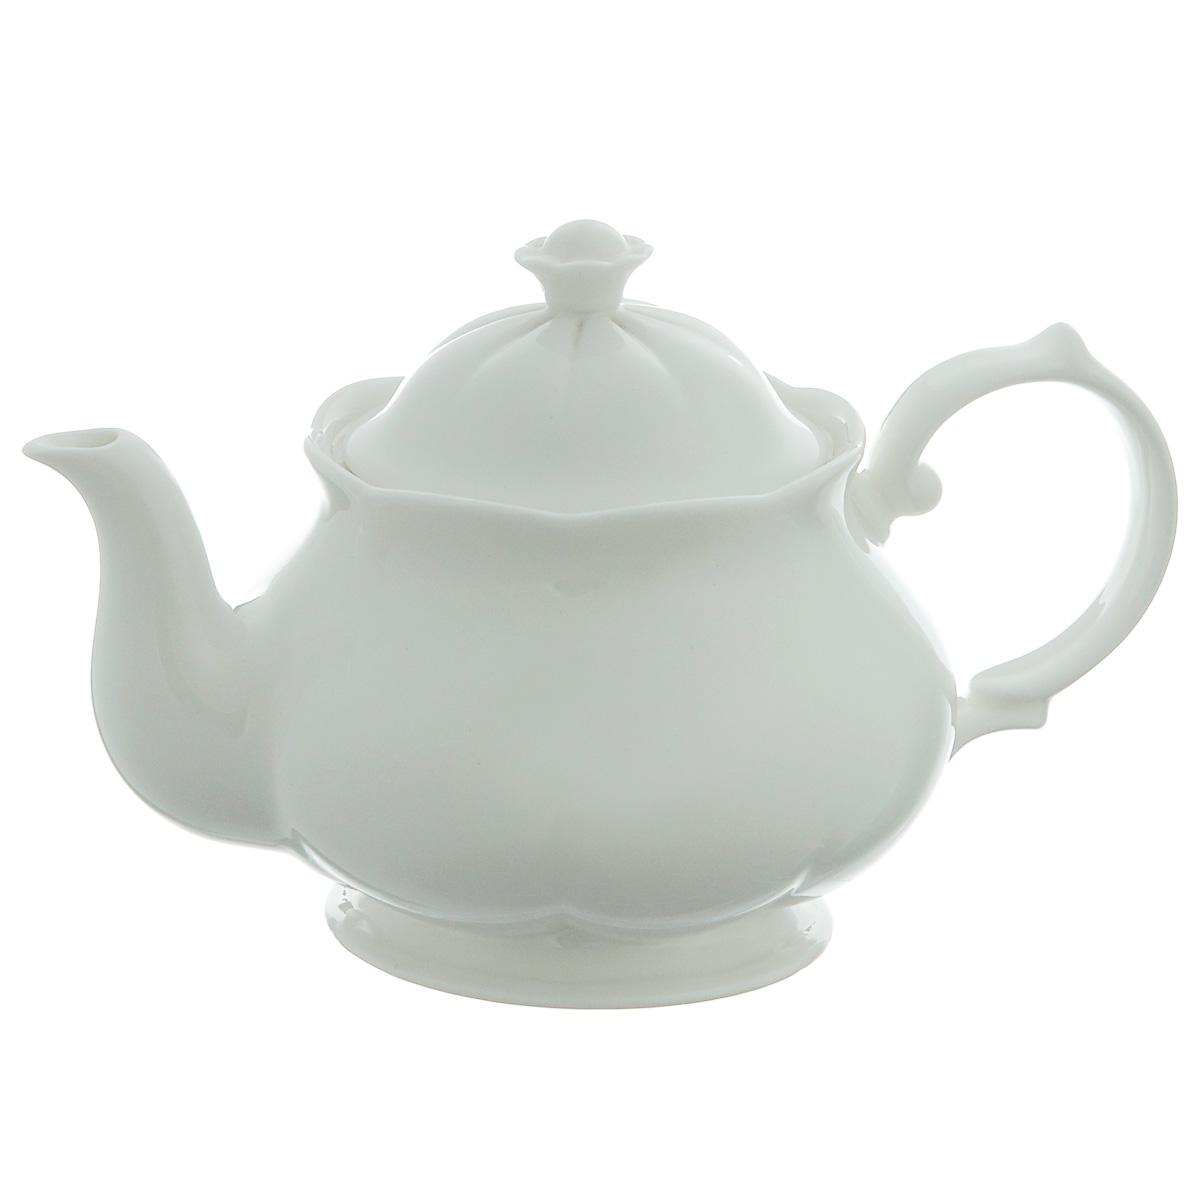 Чайник заварочный Royal Bone China White, 0,5 лFS-91909Заварочный чайник Royal Bone China White, изготовленный из костяного фарфора с содержанием костяной муки (45%), прекрасно впишется в интерьер вашей кухни и станет достойным дополнением к кухонному инвентарю. Основным достоинством изделий из костяного фарфора является абсолютно гладкая глазуровка. Такие изделия сочетают в себе изысканный вид с прочностью и долговечностью. Чайник снабжен эргономичной крышкой и изящной ручкой. Заварочный чайник Royal Bone China White не только украсит ваш кухонный стол и подчеркнет прекрасный вкус хозяйки, но и станет отличным подарком.Объем чайника: 0,5 л.Высота (с учетом крышки): 12 см.